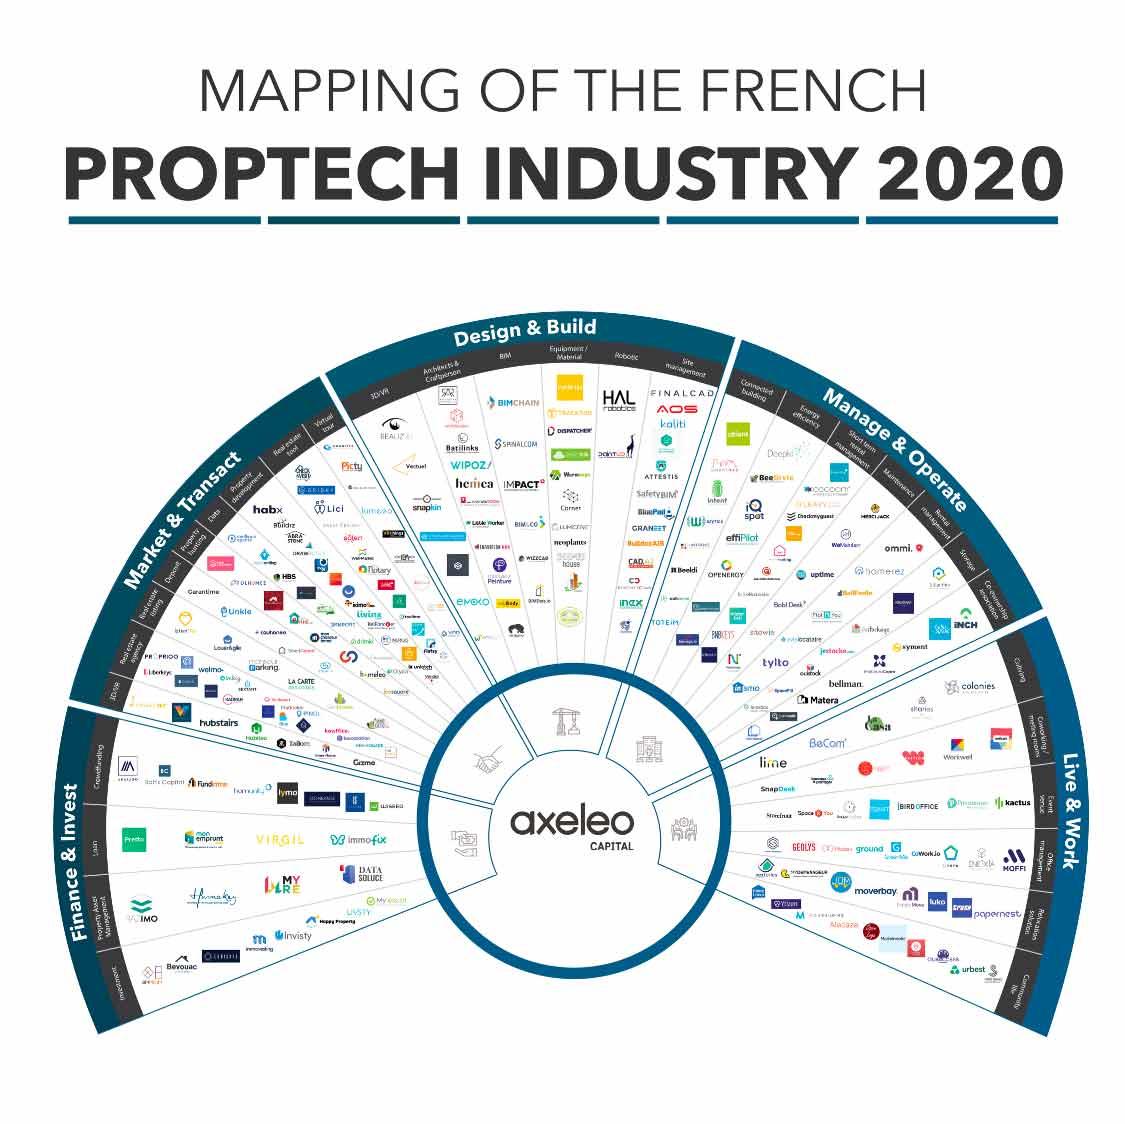 Mapping des startups de la proptech 2020 par Axaleo